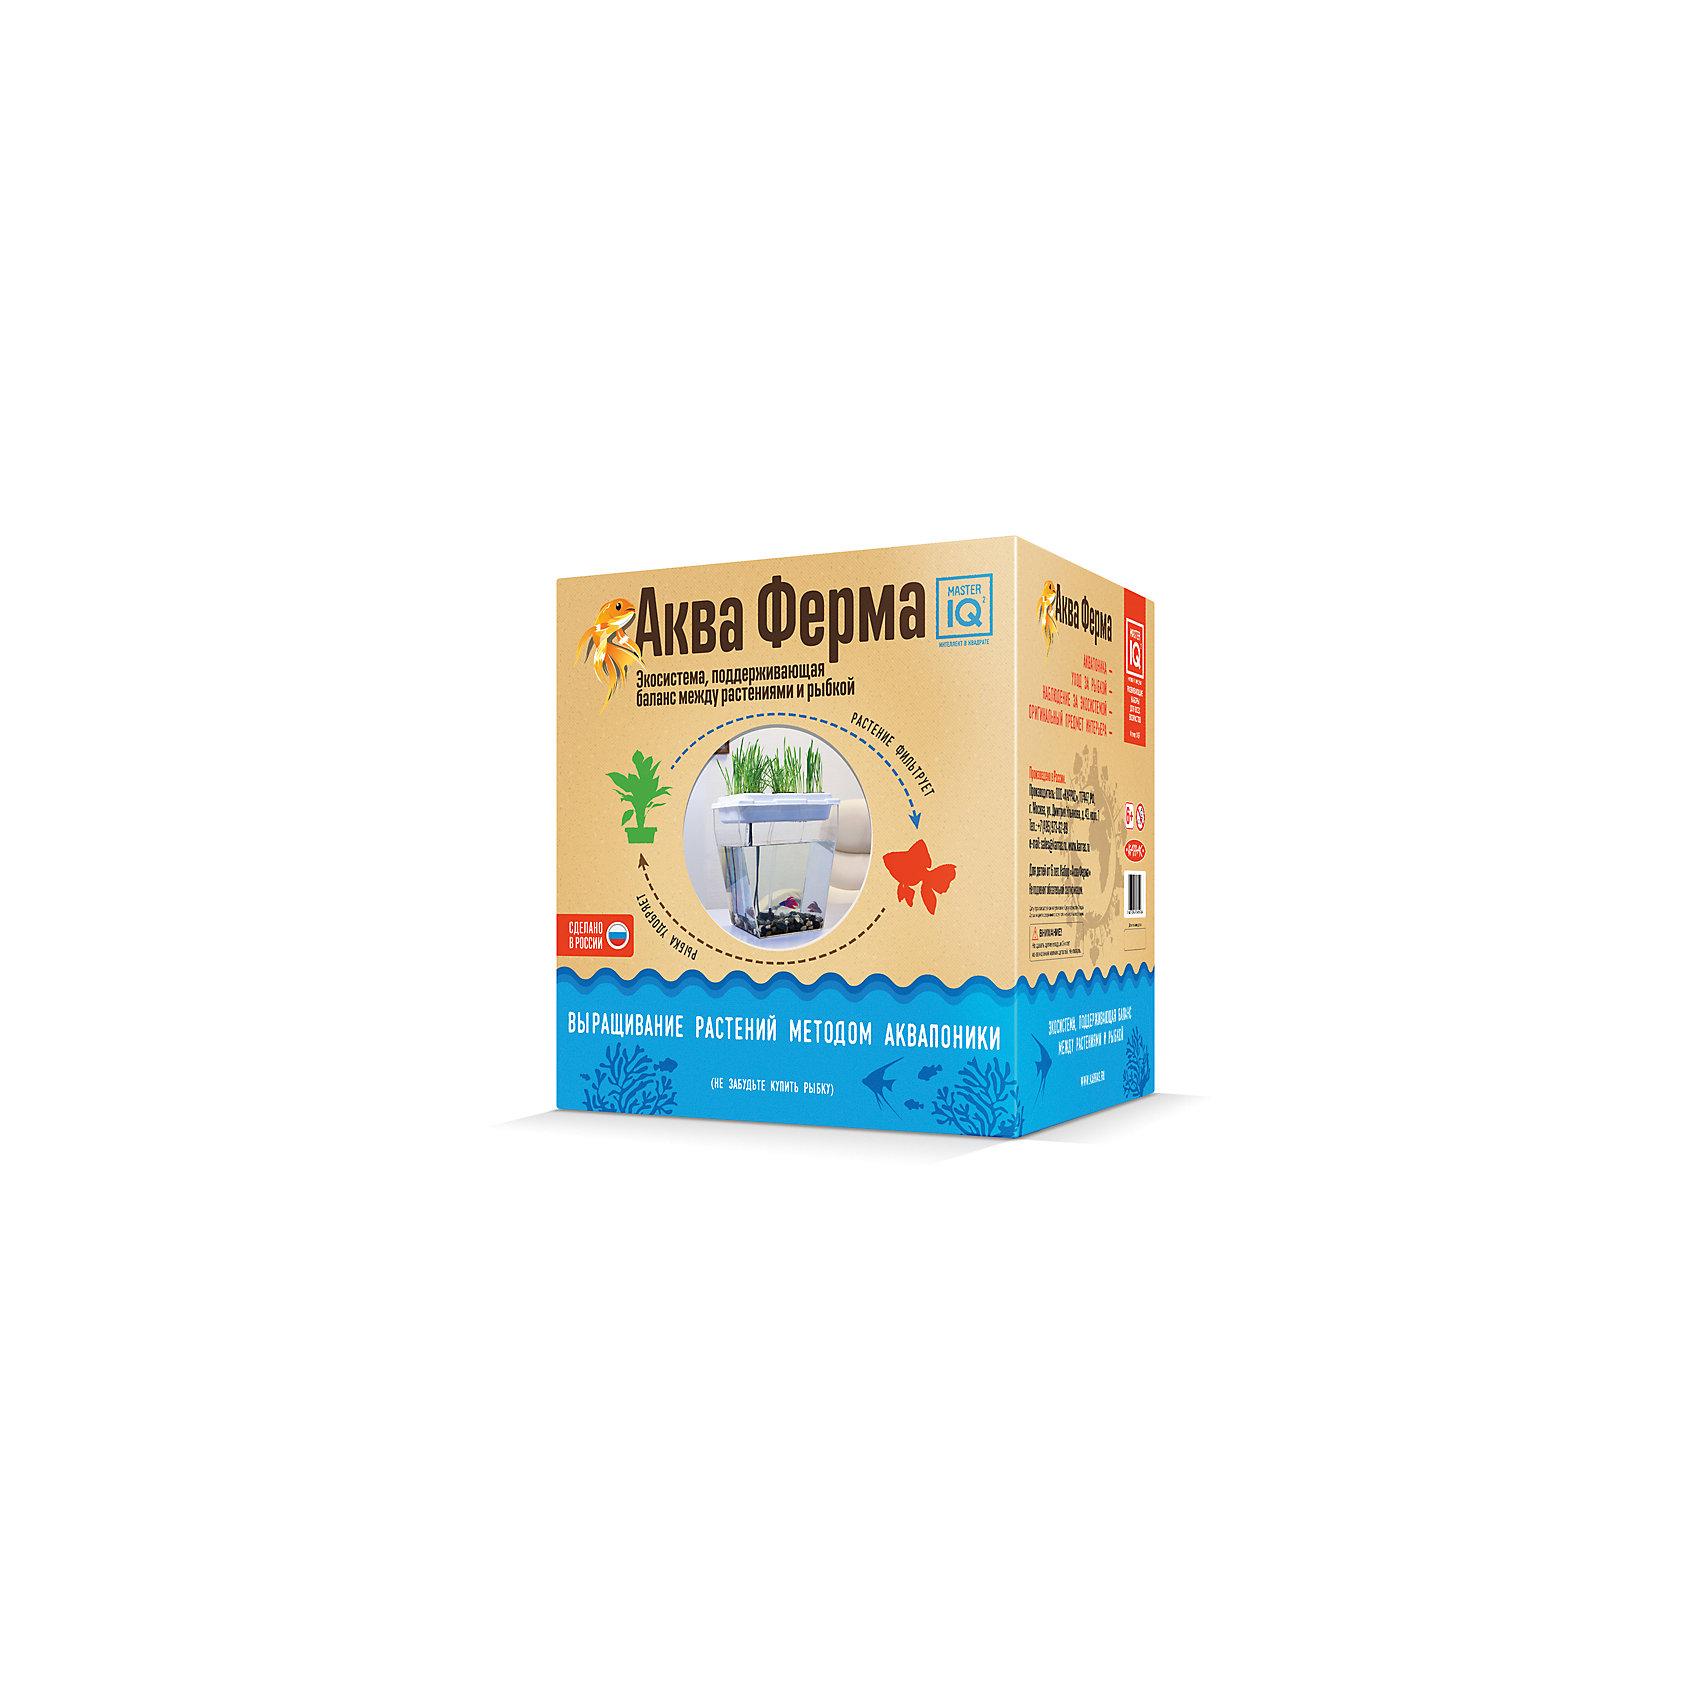 АквафермаХарактеристики аквафермы:<br><br>• возраст: от 6 лет<br>• пол: для мальчиков и девочек<br>• комплект: семена, грунтовой субстрат, 5 горшочков, контейнер для аквапоники, аквабокс, помпа, камешки, аквахимия, корм.<br>• материал: природные материалы, пластик.<br>• размер упаковки: 31.2х33.5х25.5 см.<br>• упаковка: картонная коробка.<br>• бренд: Каррас<br>• страна обладатель бренда: Россия.<br><br>Набор для экспериментов Акваферма от бренда Каррас - это не совсем обычный аквариум с растениями. Это целая система, которая позволяет естественным путем очищать воду и выращивать растения на экологическом удобрении без химикатов. В наборе есть все компоненты, которые потребуются для создания нового домика для рыбки. Приготовив аквариум и разместив все нужные аксессуары, надо установить по инструкции насос и остальные детали, которые будут потом вместе работать, образуя поддерживающую экосистему между рыбкой и растениями.<br><br>Растения посадить можно из набора или же выбрать другие, неприхотливые, но полезные в домашних условиях, травы. Рыбок стоит выбирать, учитывая, что они могут жить в воде комнатной температуры. Все, что остается делать - это кормить рыбок и время от времени срезать нужное количество трав для личного пользования. Вода будет сама очищаться при помощи насоса, поднимая естественные отходы рыбок к корням растений, тем самым создавая им удобрение. <br><br>Набор для экспериментов Акваферма от бренда Каррас можно купить в нашем интернет-магазине.<br><br>Ширина мм: 312<br>Глубина мм: 255<br>Высота мм: 335<br>Вес г: 3<br>Возраст от месяцев: 72<br>Возраст до месяцев: 192<br>Пол: Унисекс<br>Возраст: Детский<br>SKU: 5259957